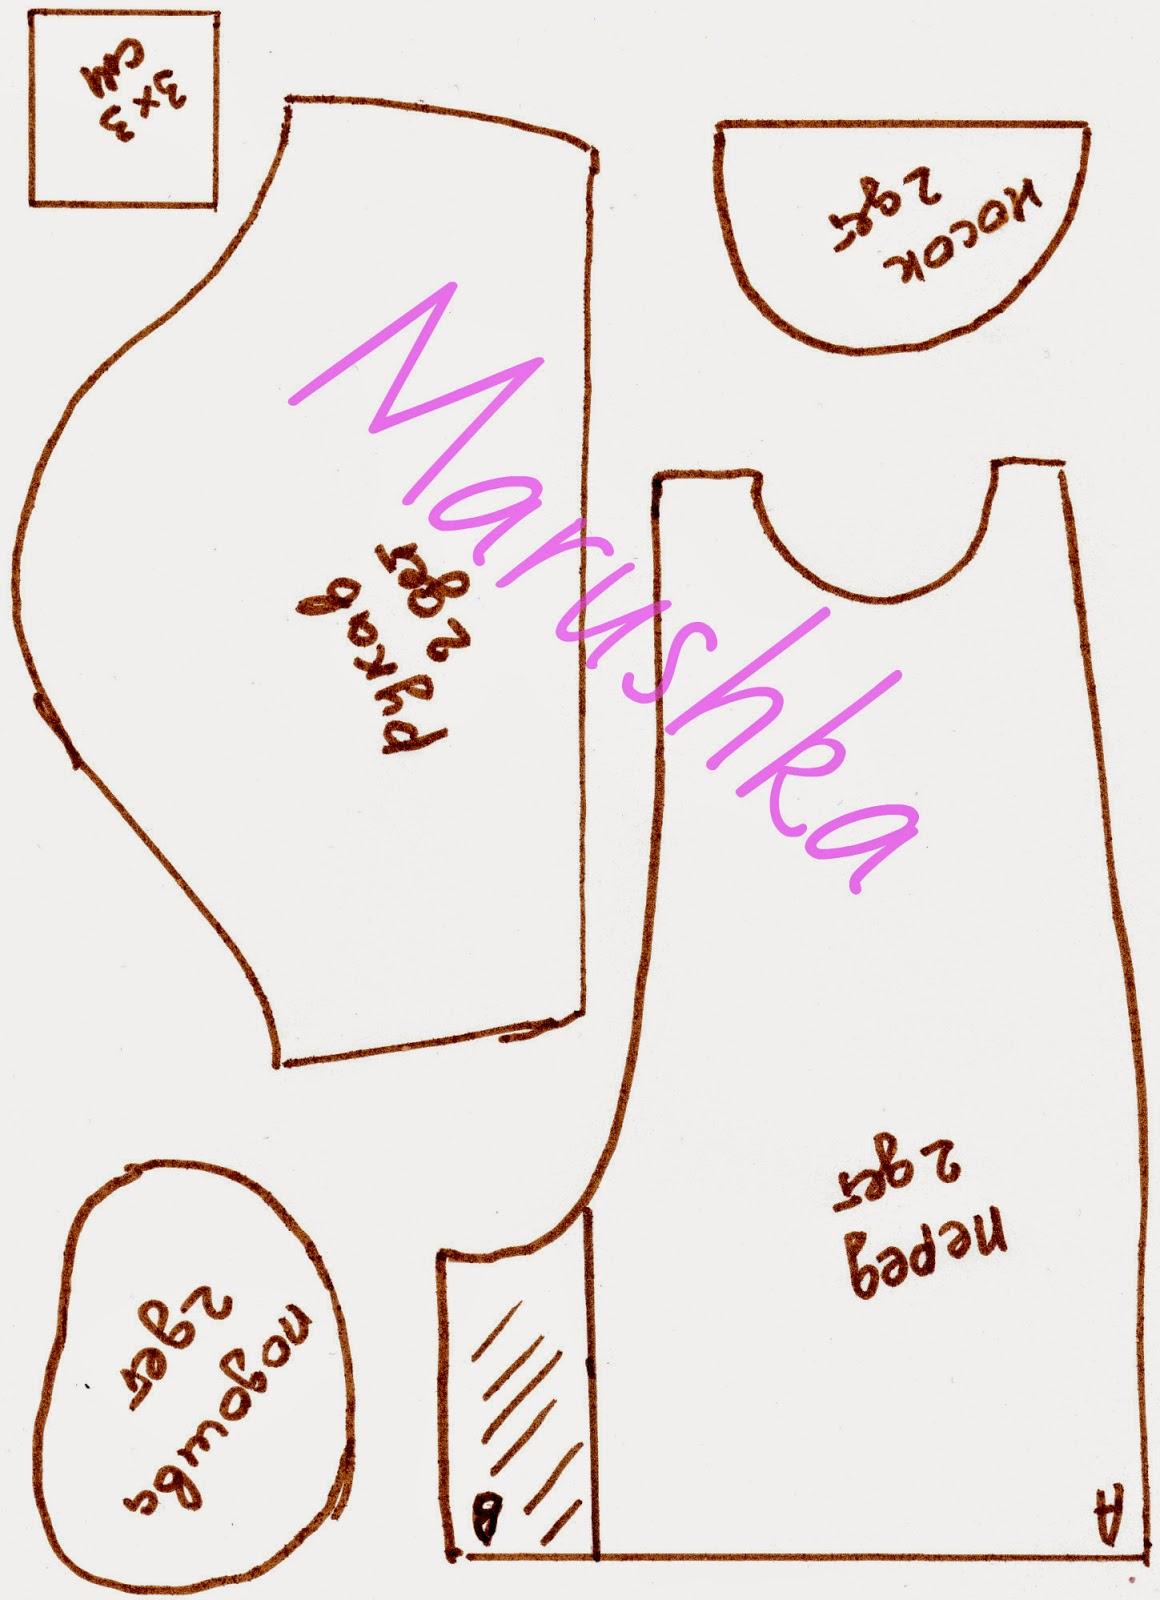 Сшить одежду для беби бона, выкройка в натуральную величину 95